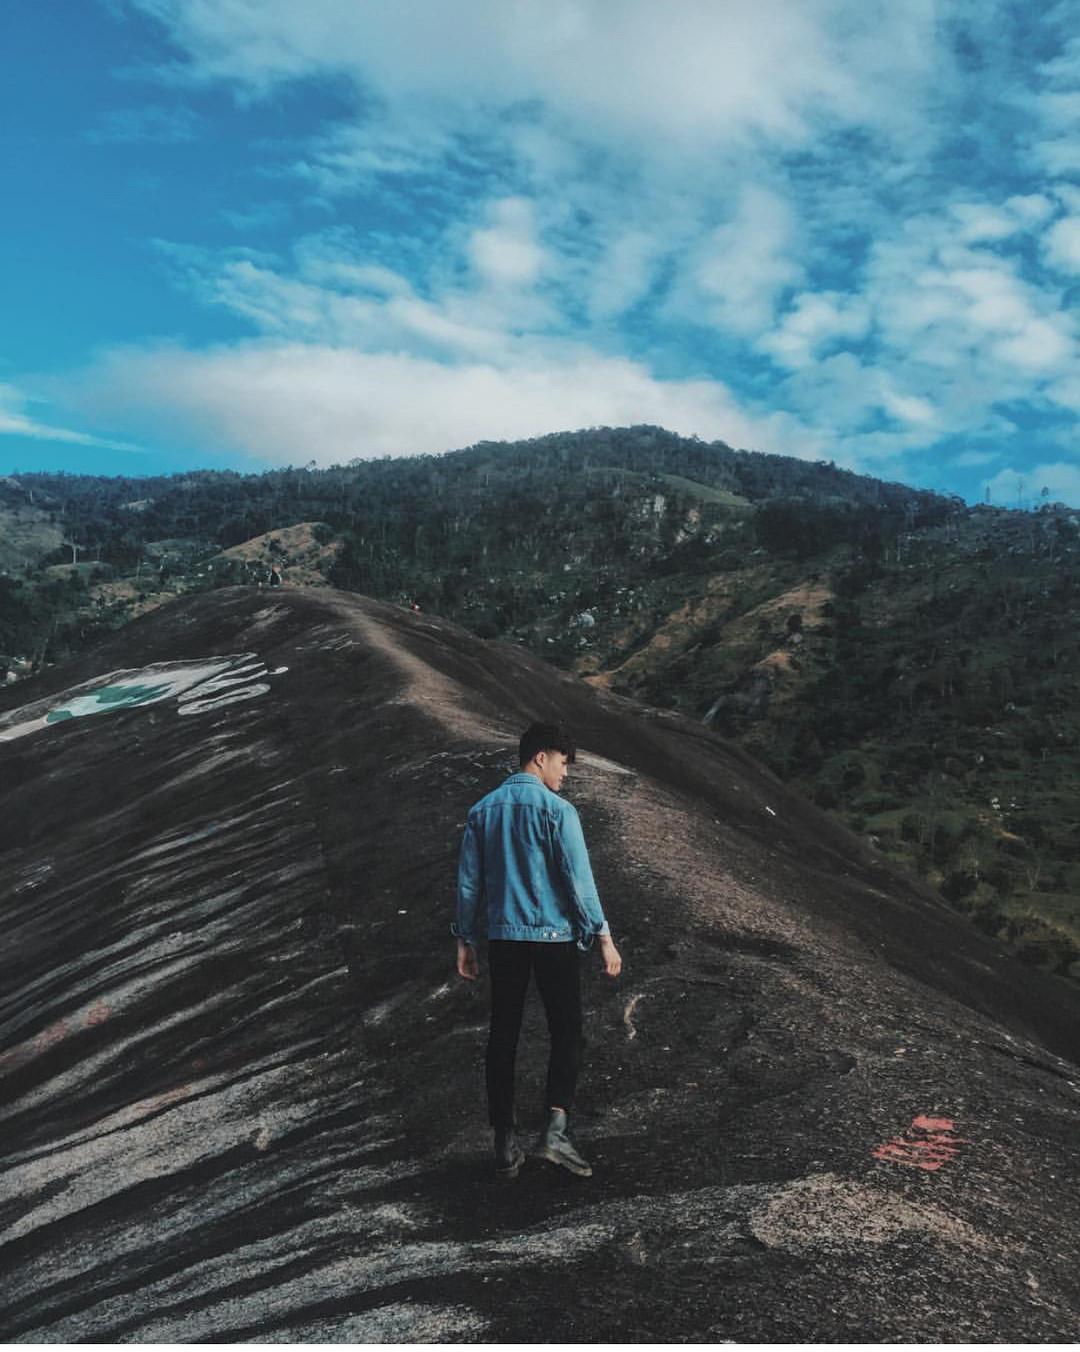 Núi Đá voi Yang Tao: Đá Voi Yang Tao gồm một cặp đá Voi Cha và đá Voi Mẹ hiện lên sừng sững giữa núi rừng, mang trong mình những truyền thuyết ly kỳ, bí ẩn. Từ mặt đất, mất khoảng 15 phút leo qua những sườn dốc thoai thoải, bạn sẽ lên đến đỉnh cao nhất của tảng đá, ở đây bạn có thể quan sát nhiều thắng cảnh trong vùng như hồ Yang Reh và dãy Chư Yang Sin. Những năm gần đây, địa điểm này là nơi yêu thích của rất nhiều bạn trẻ, đặc biệt là các phượt thủ khi đến Buôn Ma Thuột. Ảnh: @daktip, @taiinguyn_, @30.10ng.